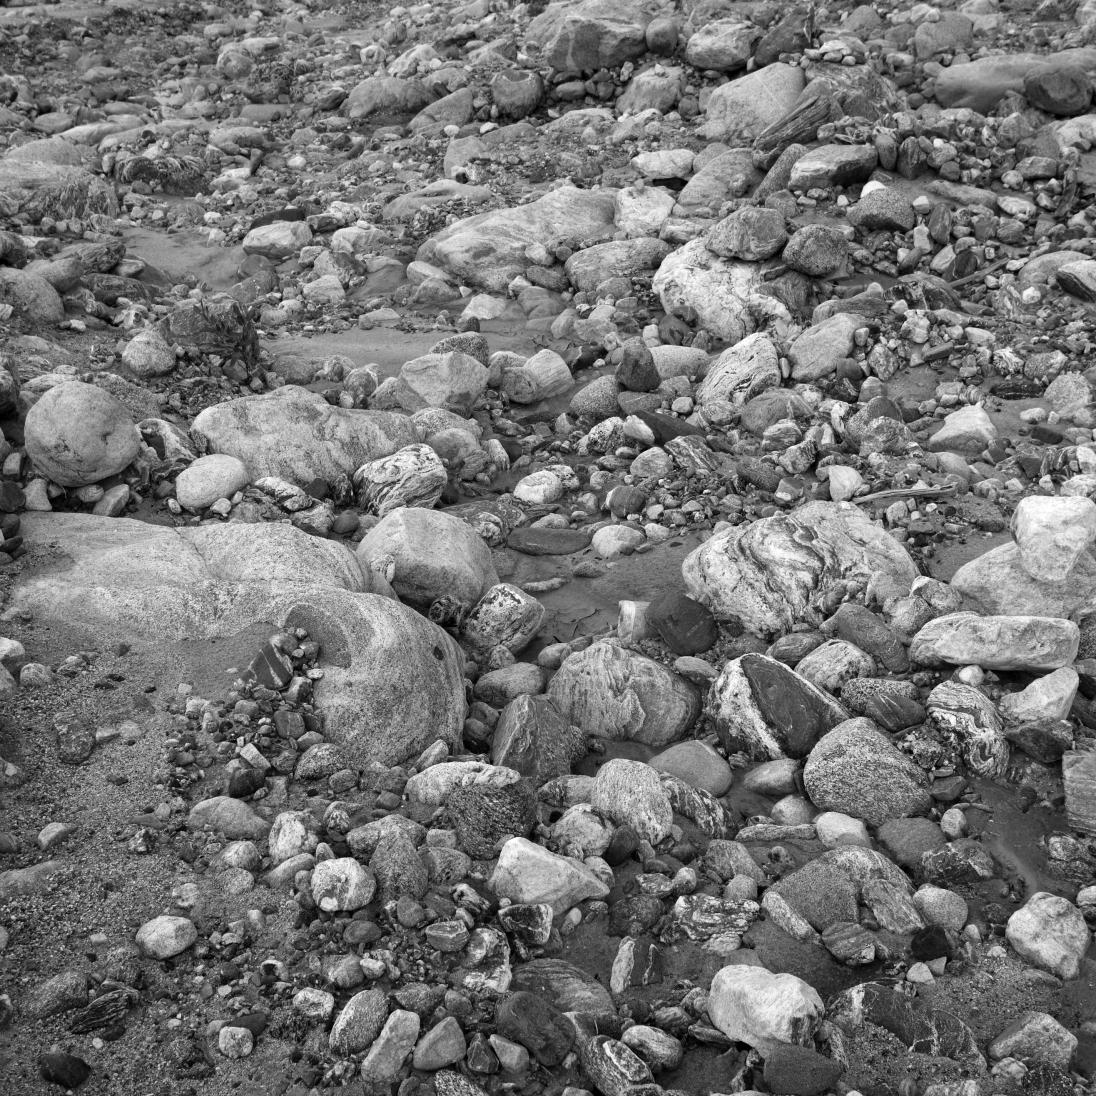 Mill Creek by James Ducat